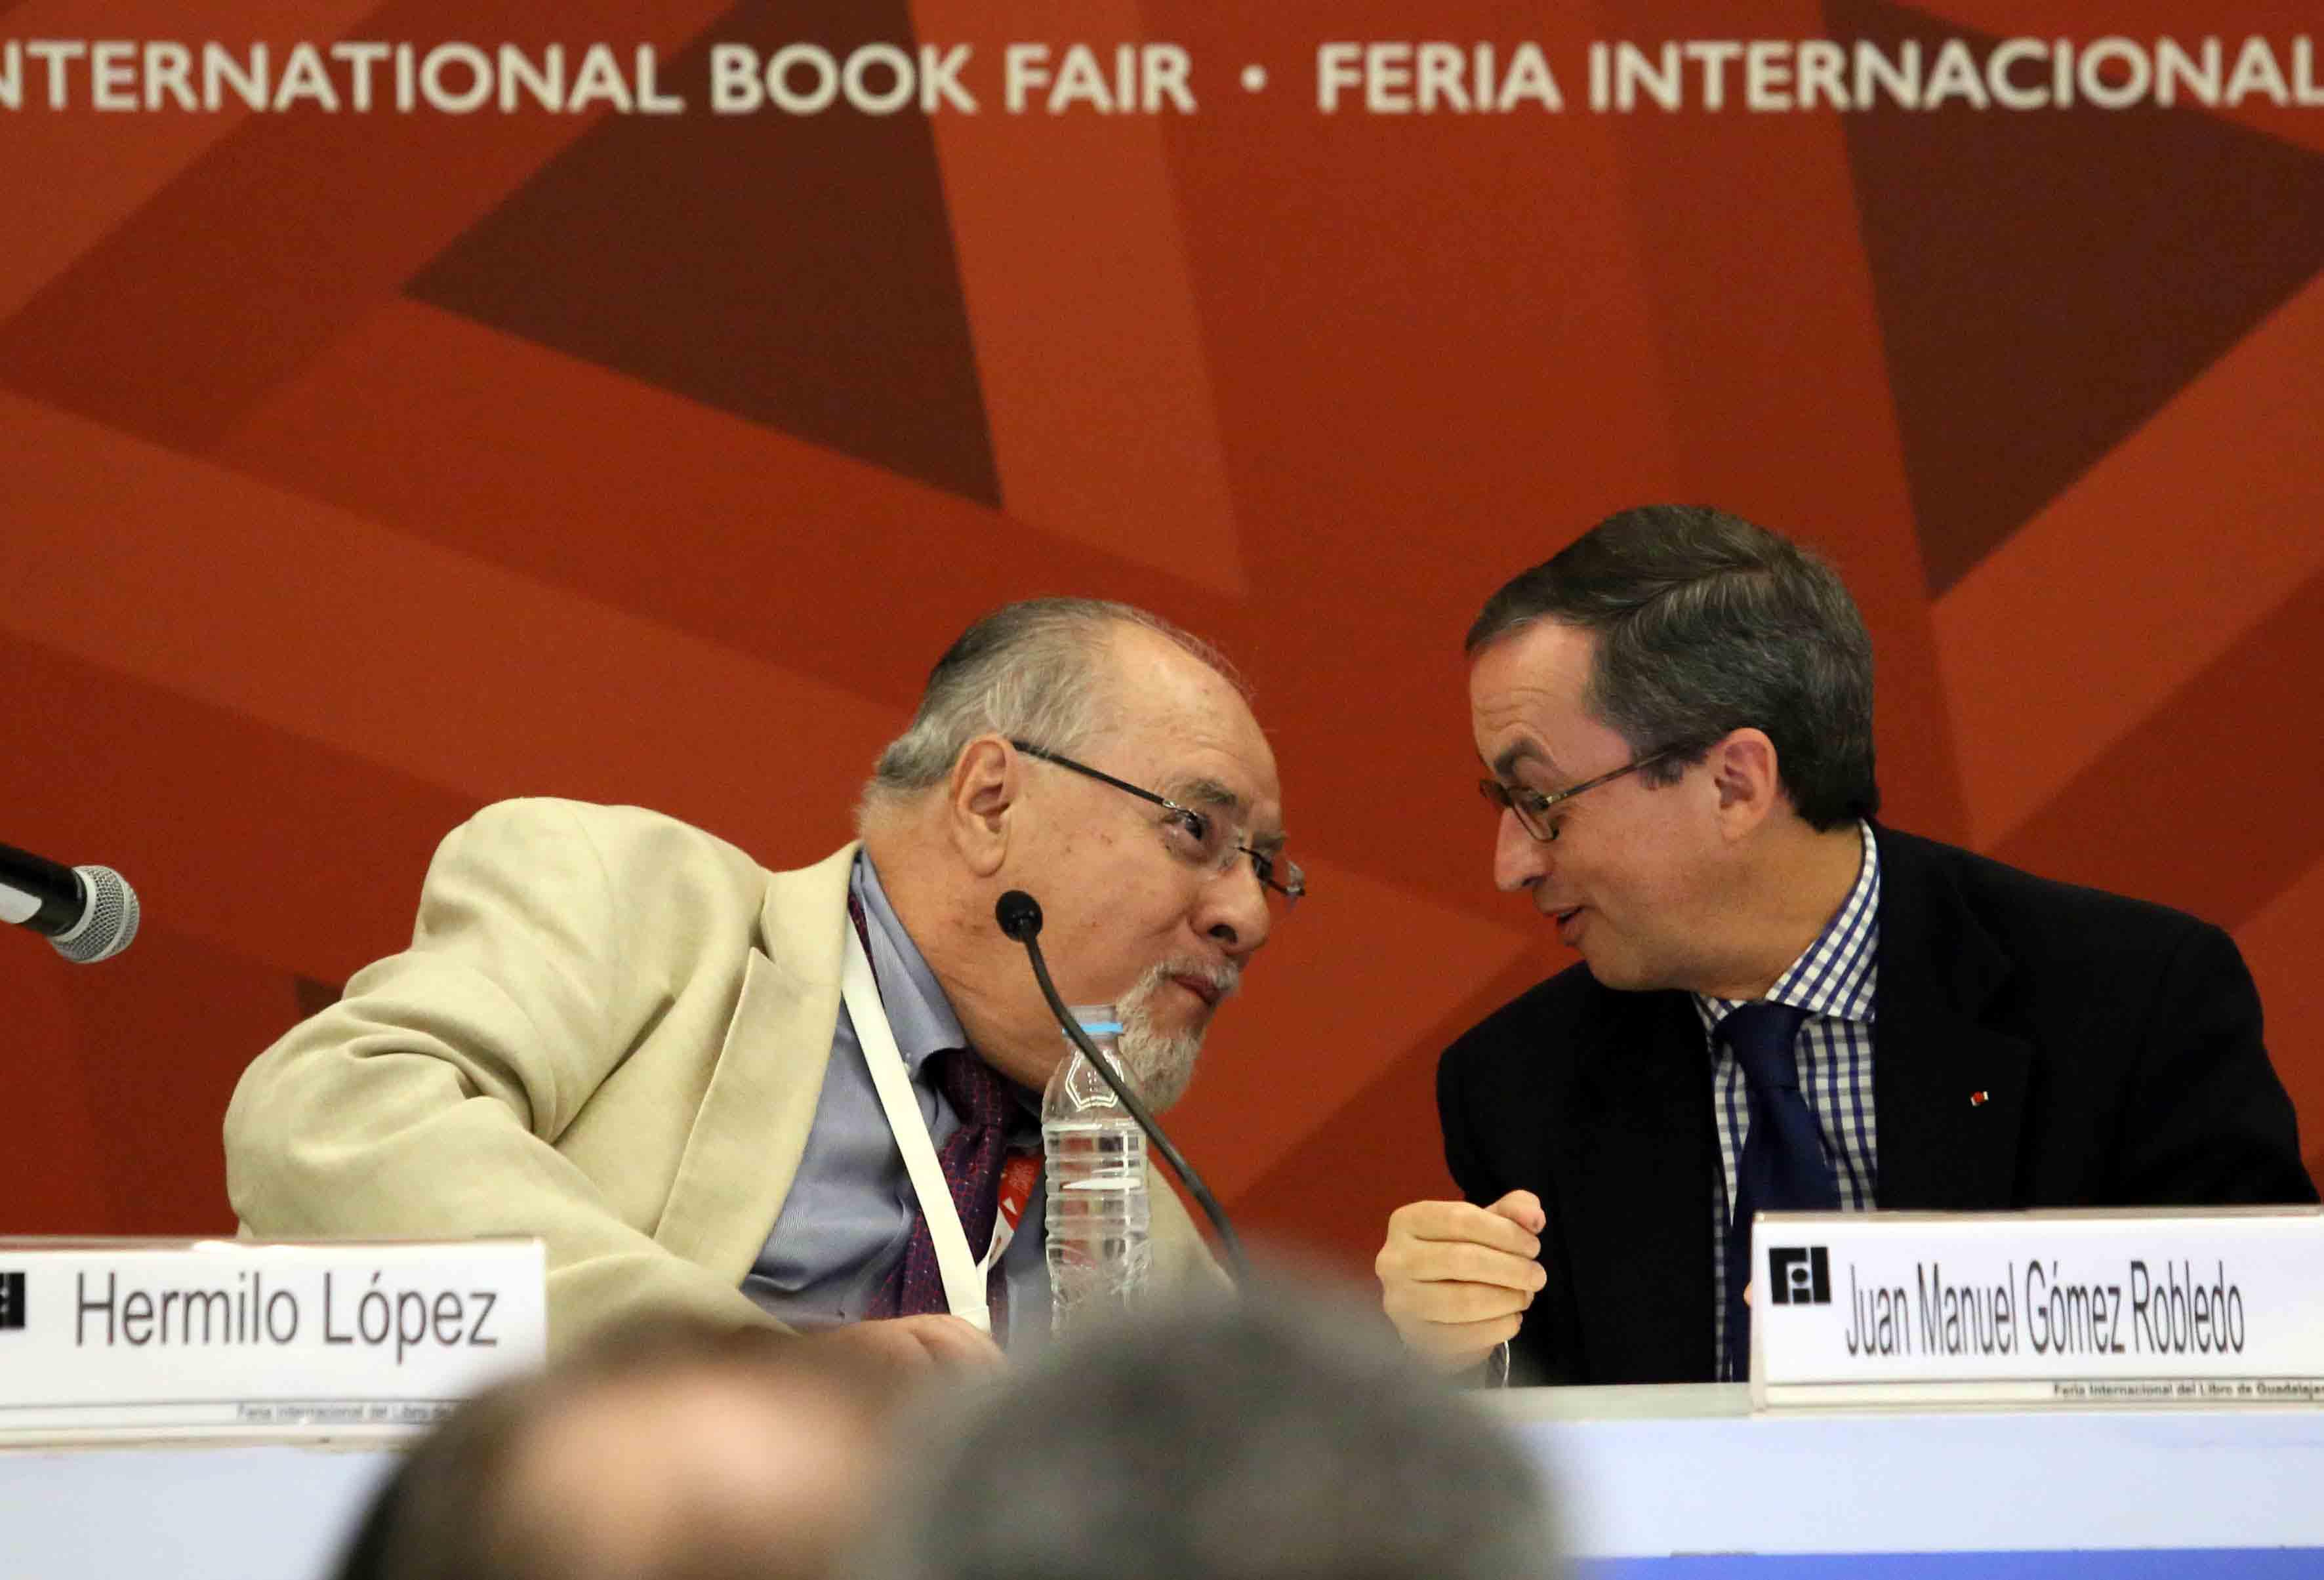 Hermilo López-Bassols y Juan Manuel Gómez Robledo Verduzco, embajadores